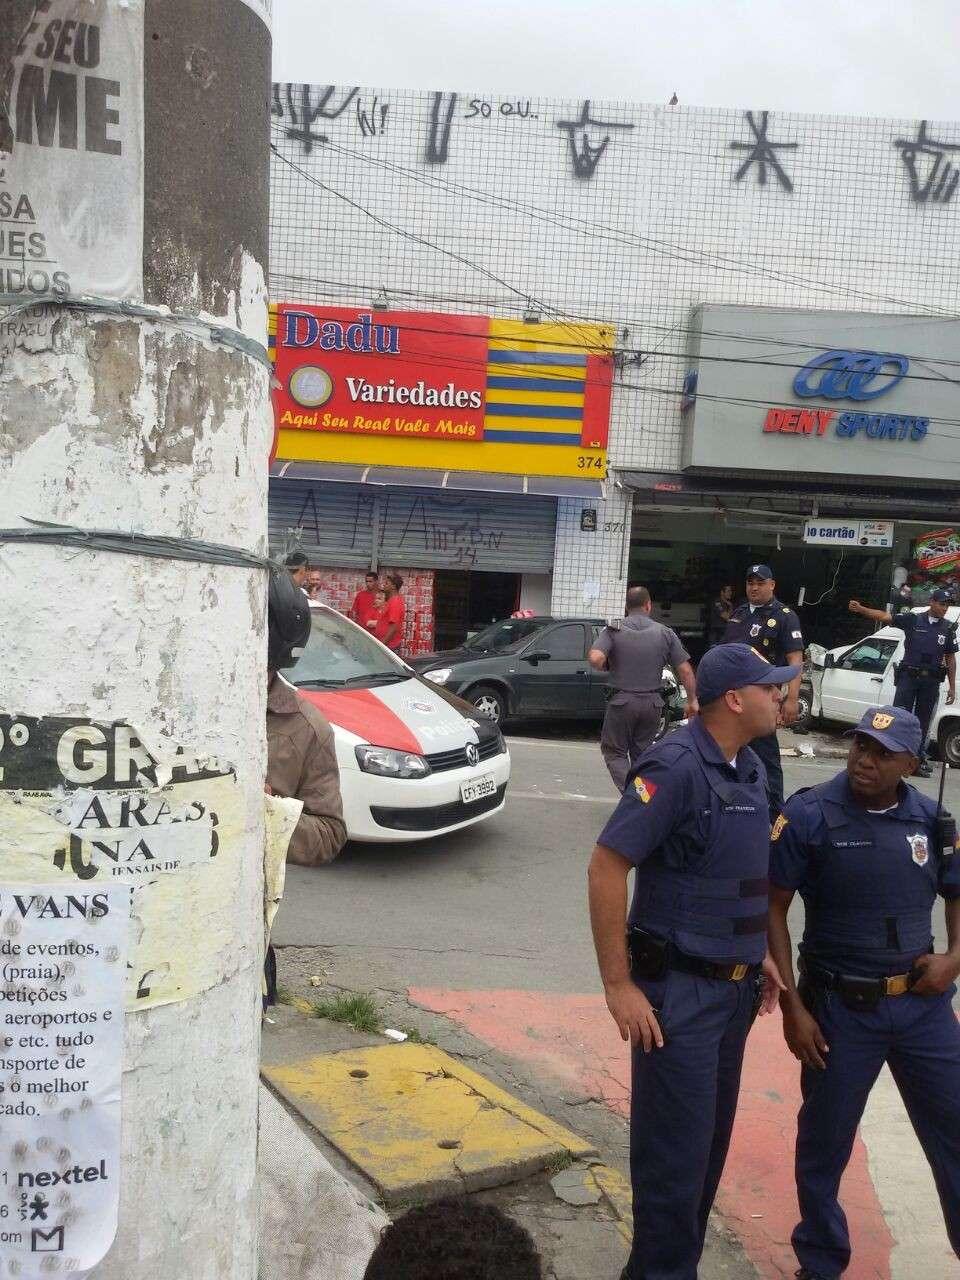 Carro desgovernado bateu em outro veículo e invadiu loja em Itapevi, em São Paulo Foto: Fernando Oliveira/vc repórter